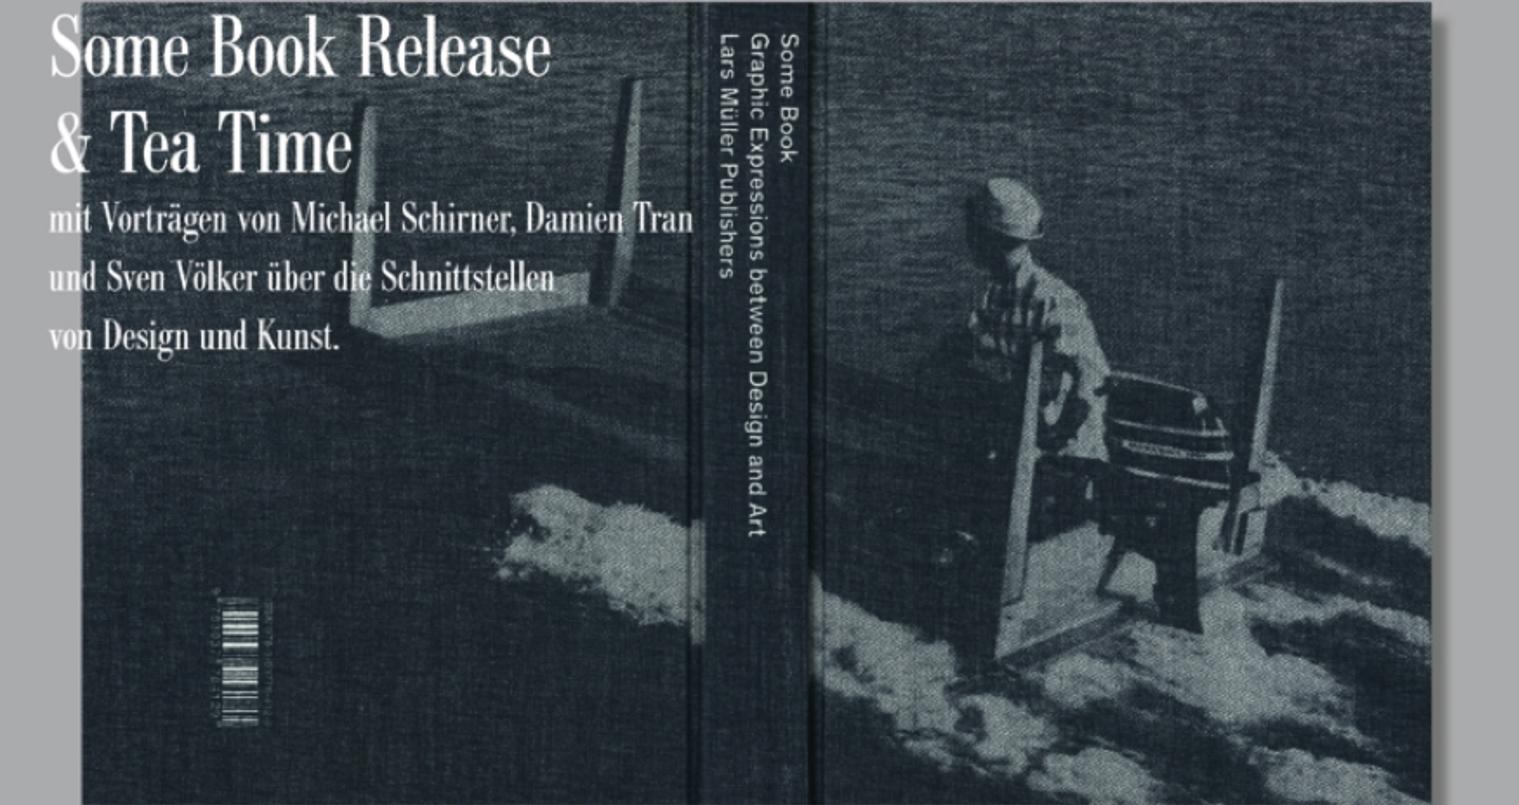 """Einladung zur Vorstellung von """"Some Book"""" mit einer Lesung von Michael Schirner, Berlin 2013"""